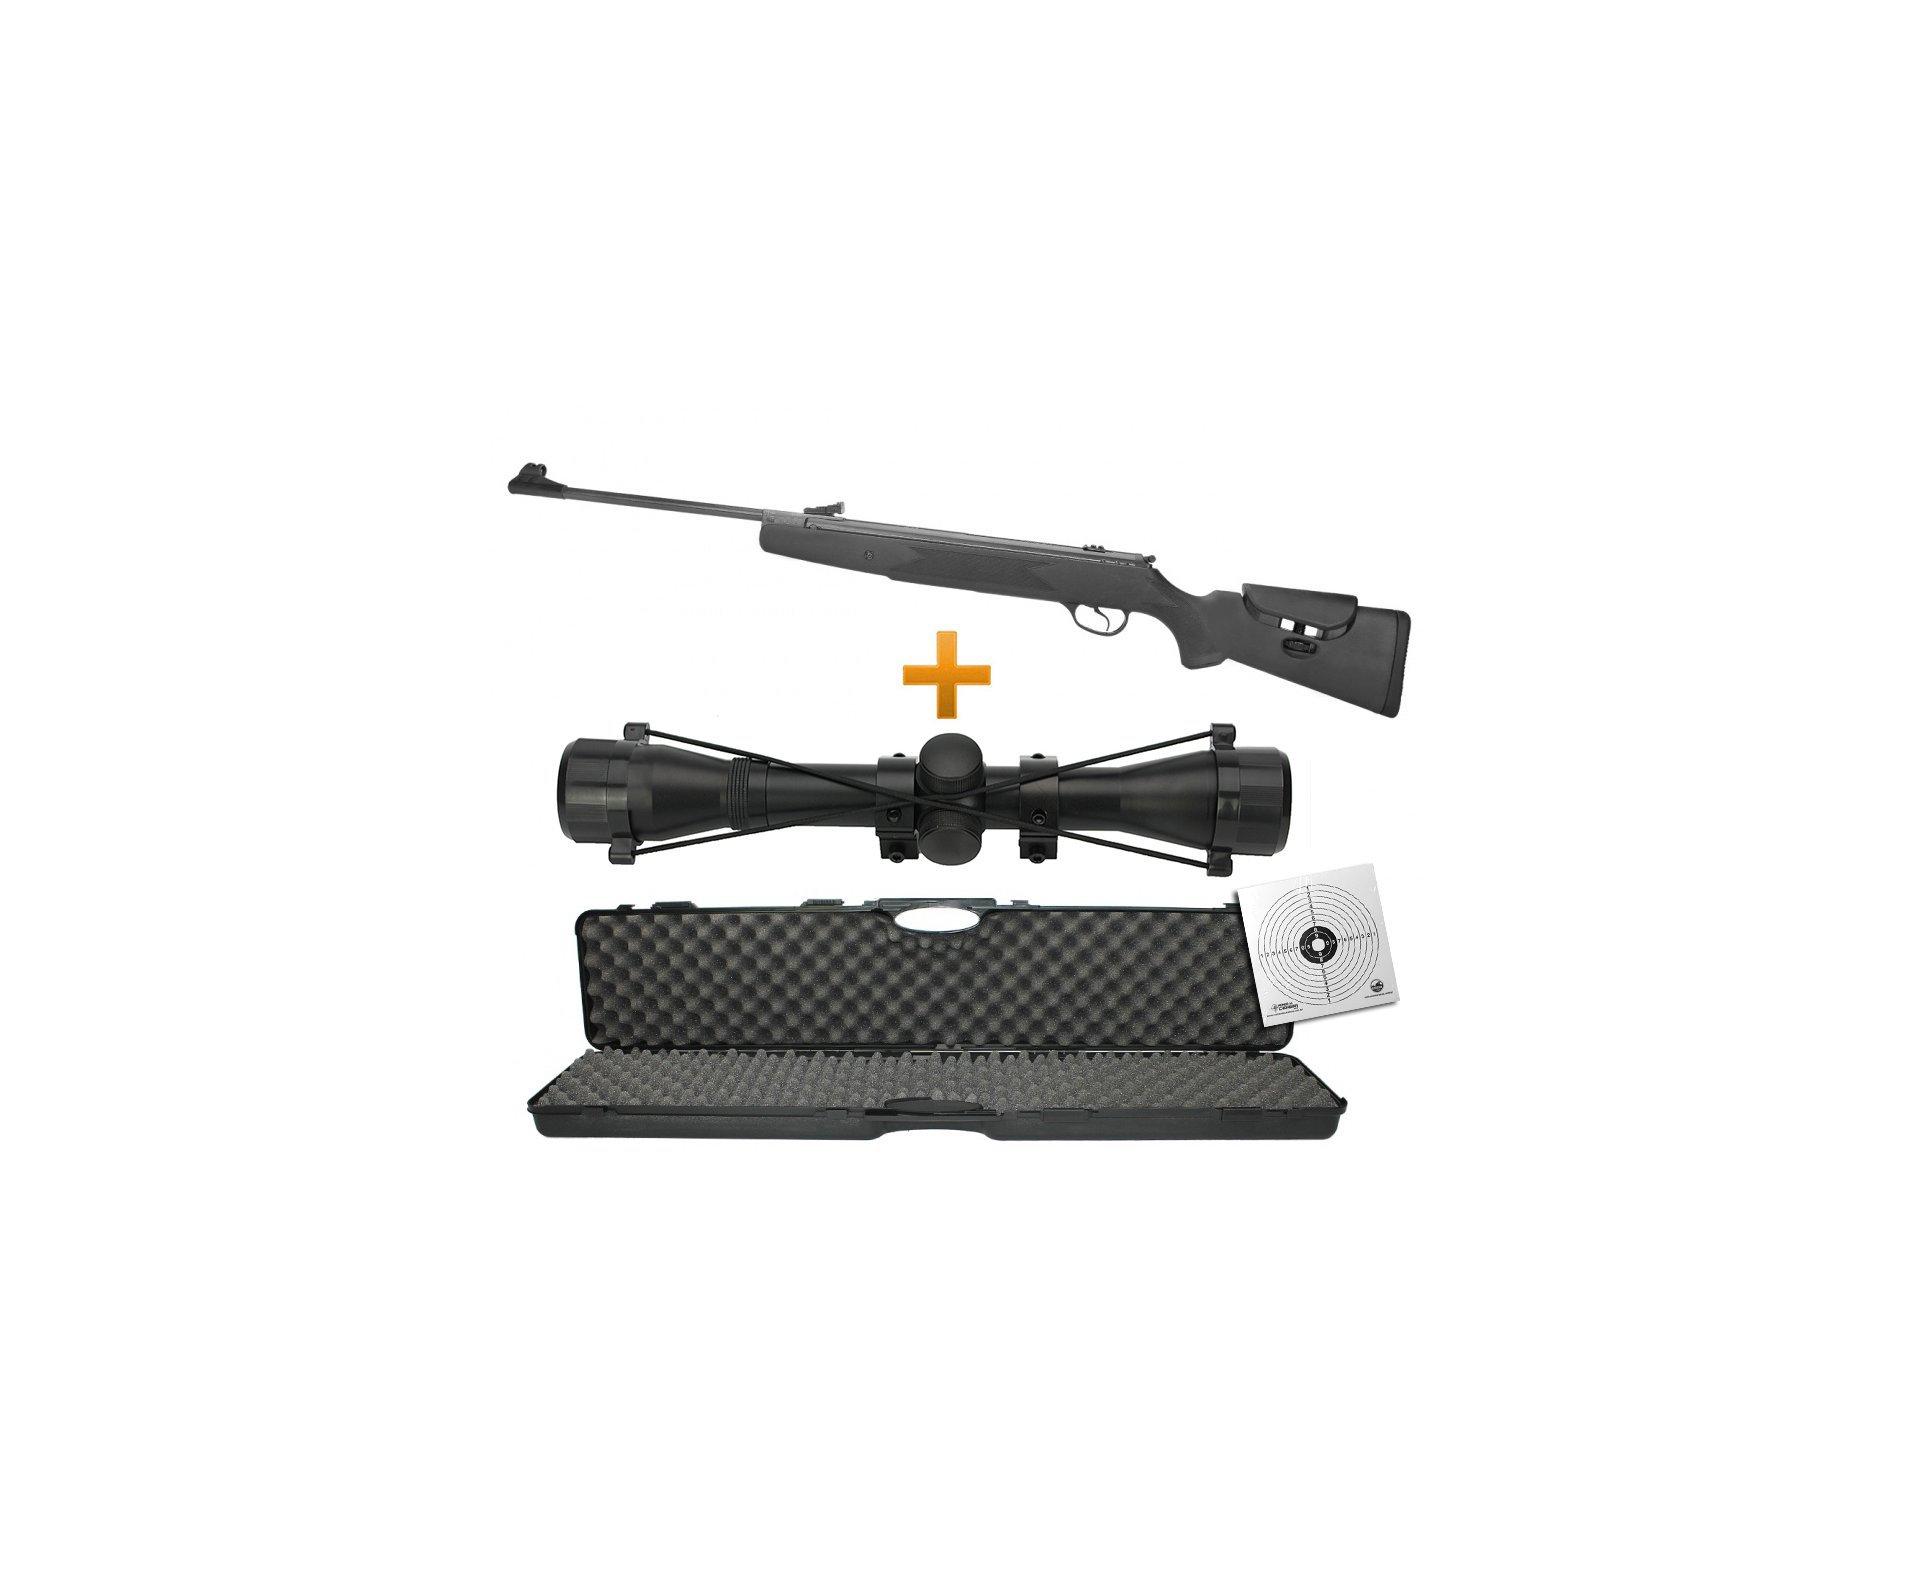 Carabina De Pressão Hatsan Ht87 Sas Combo Especial - Cal 5,5mm + Pistão Pneumático + Luneta 4x32 + Chumbinho + Case + Alvo